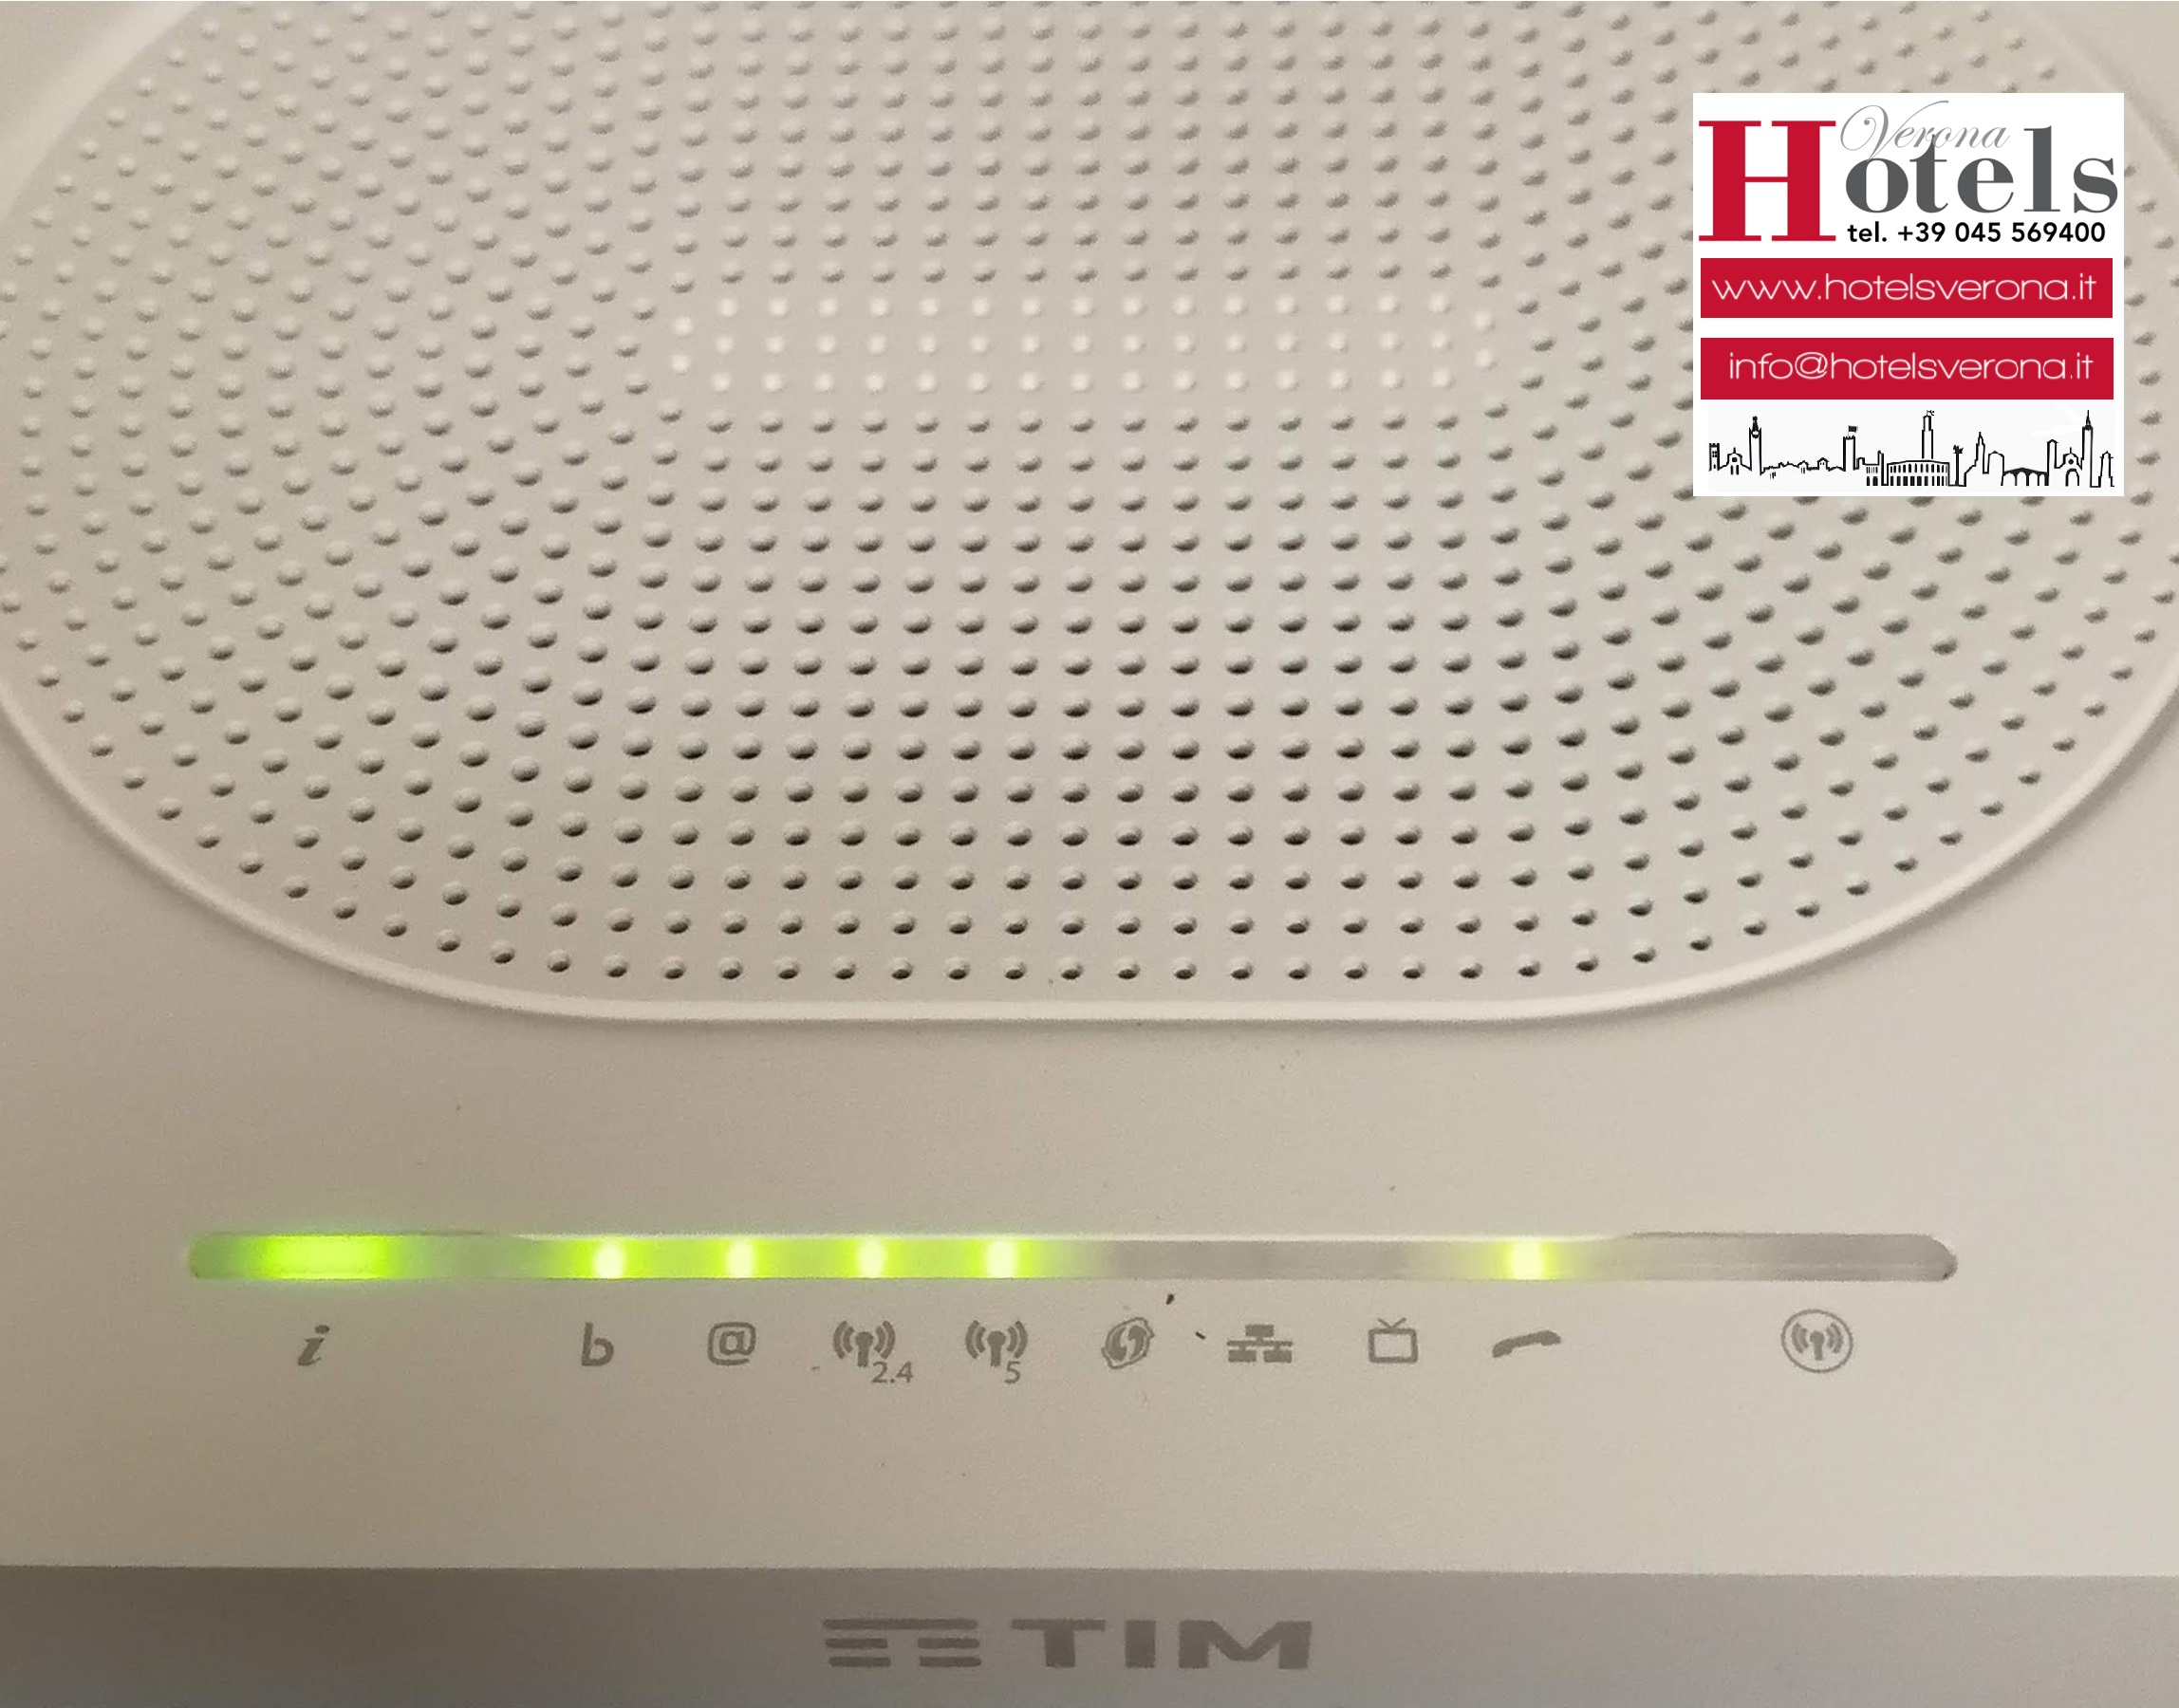 Connessione Wi-Fi ancora più veloce!